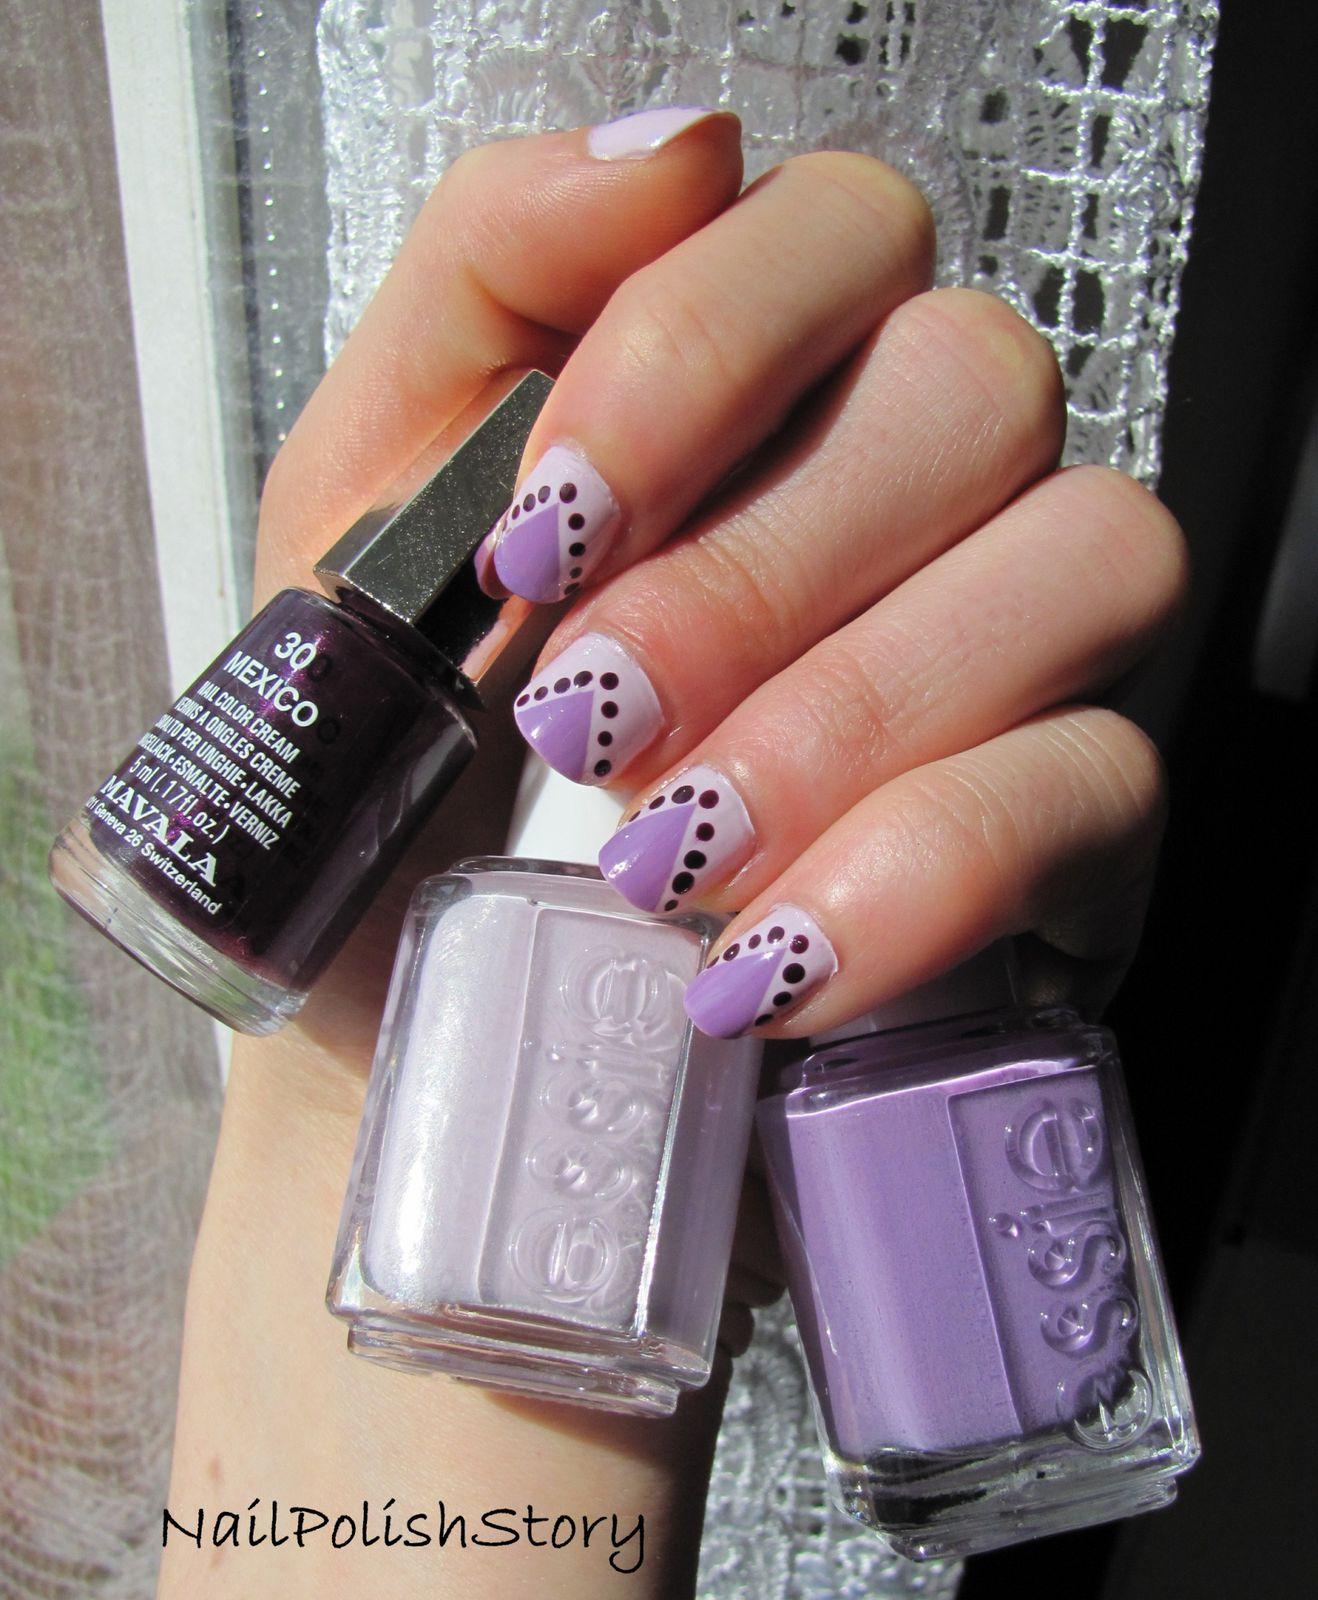 Manucure violette, triangle et petits pois